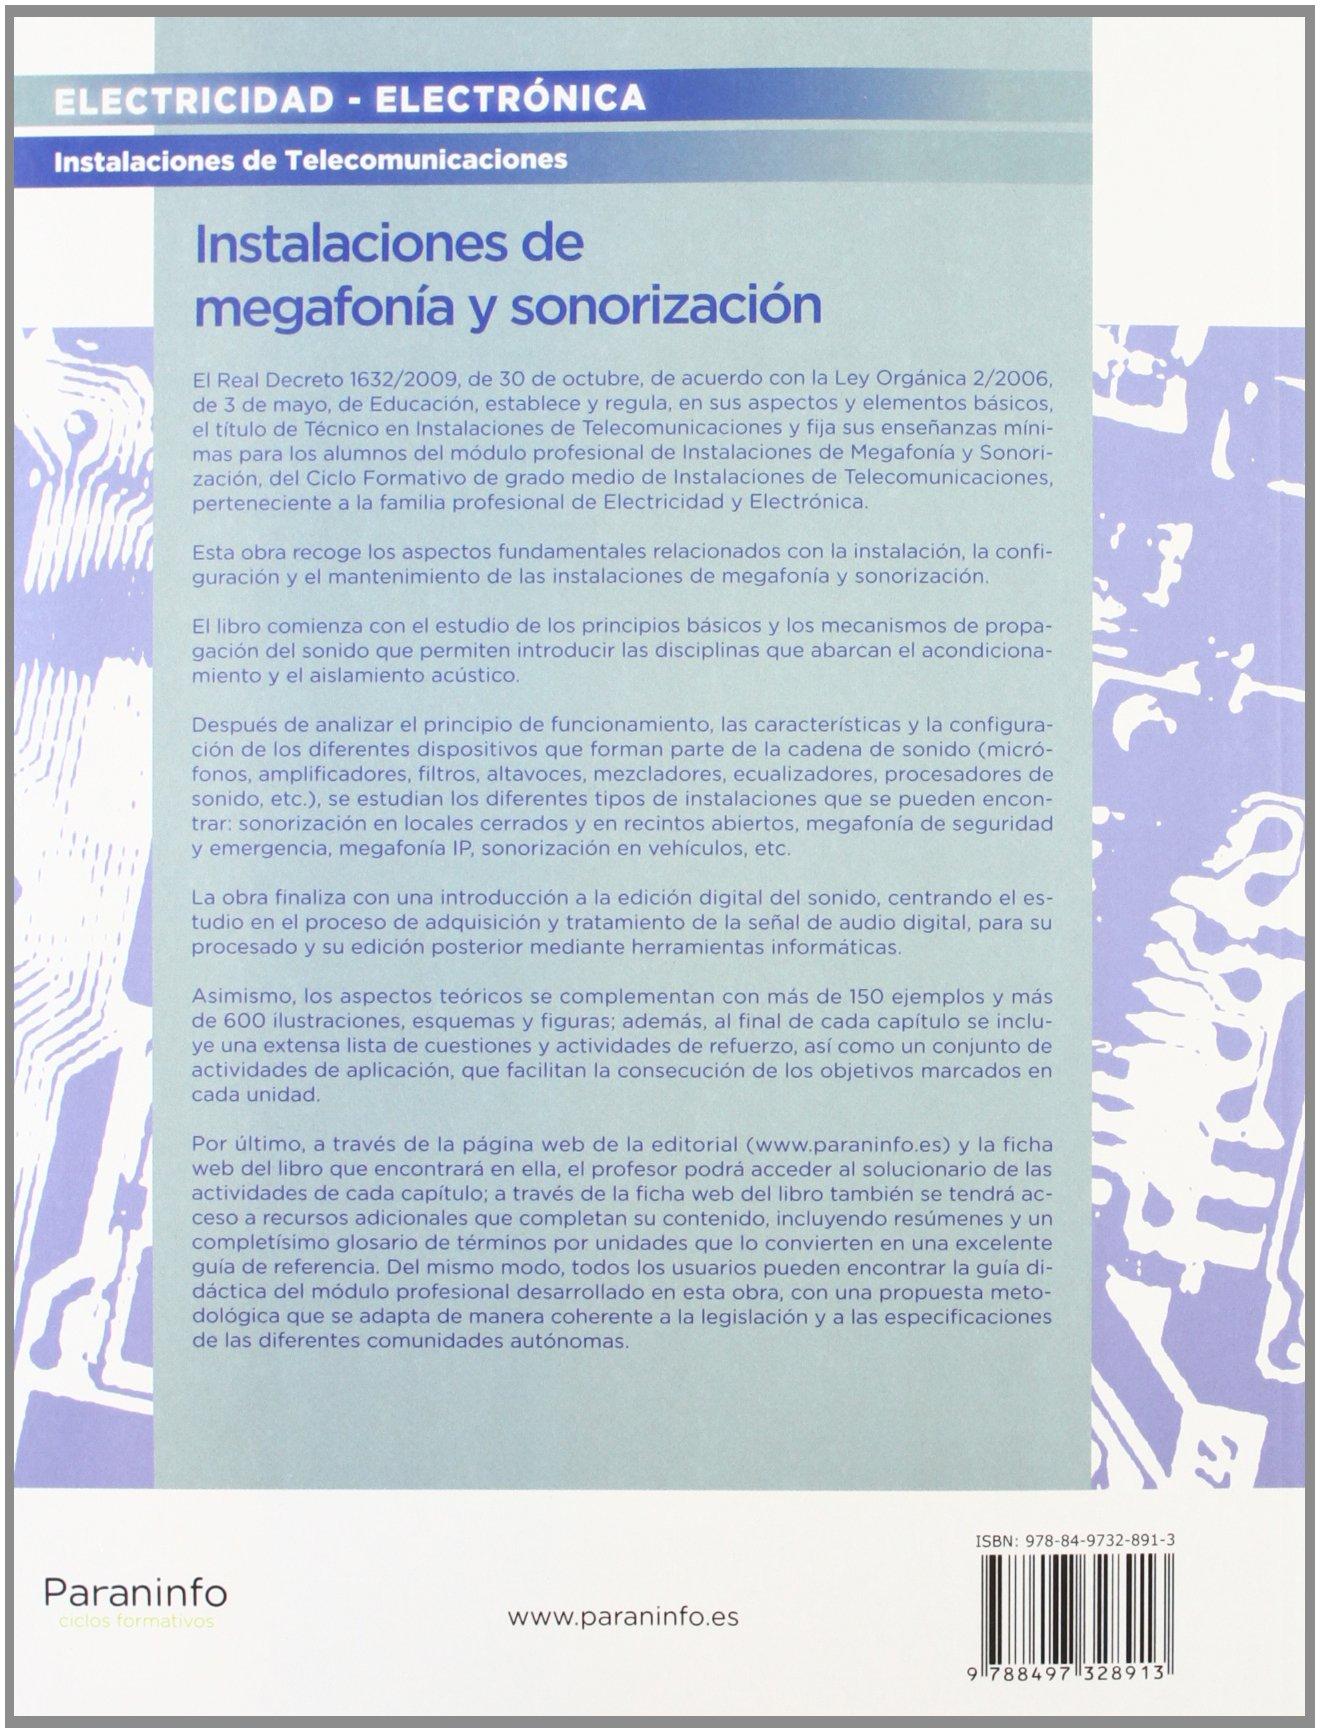 Instalaciones de megafonía y sonorización: 9788497328913: Amazon.com: Books